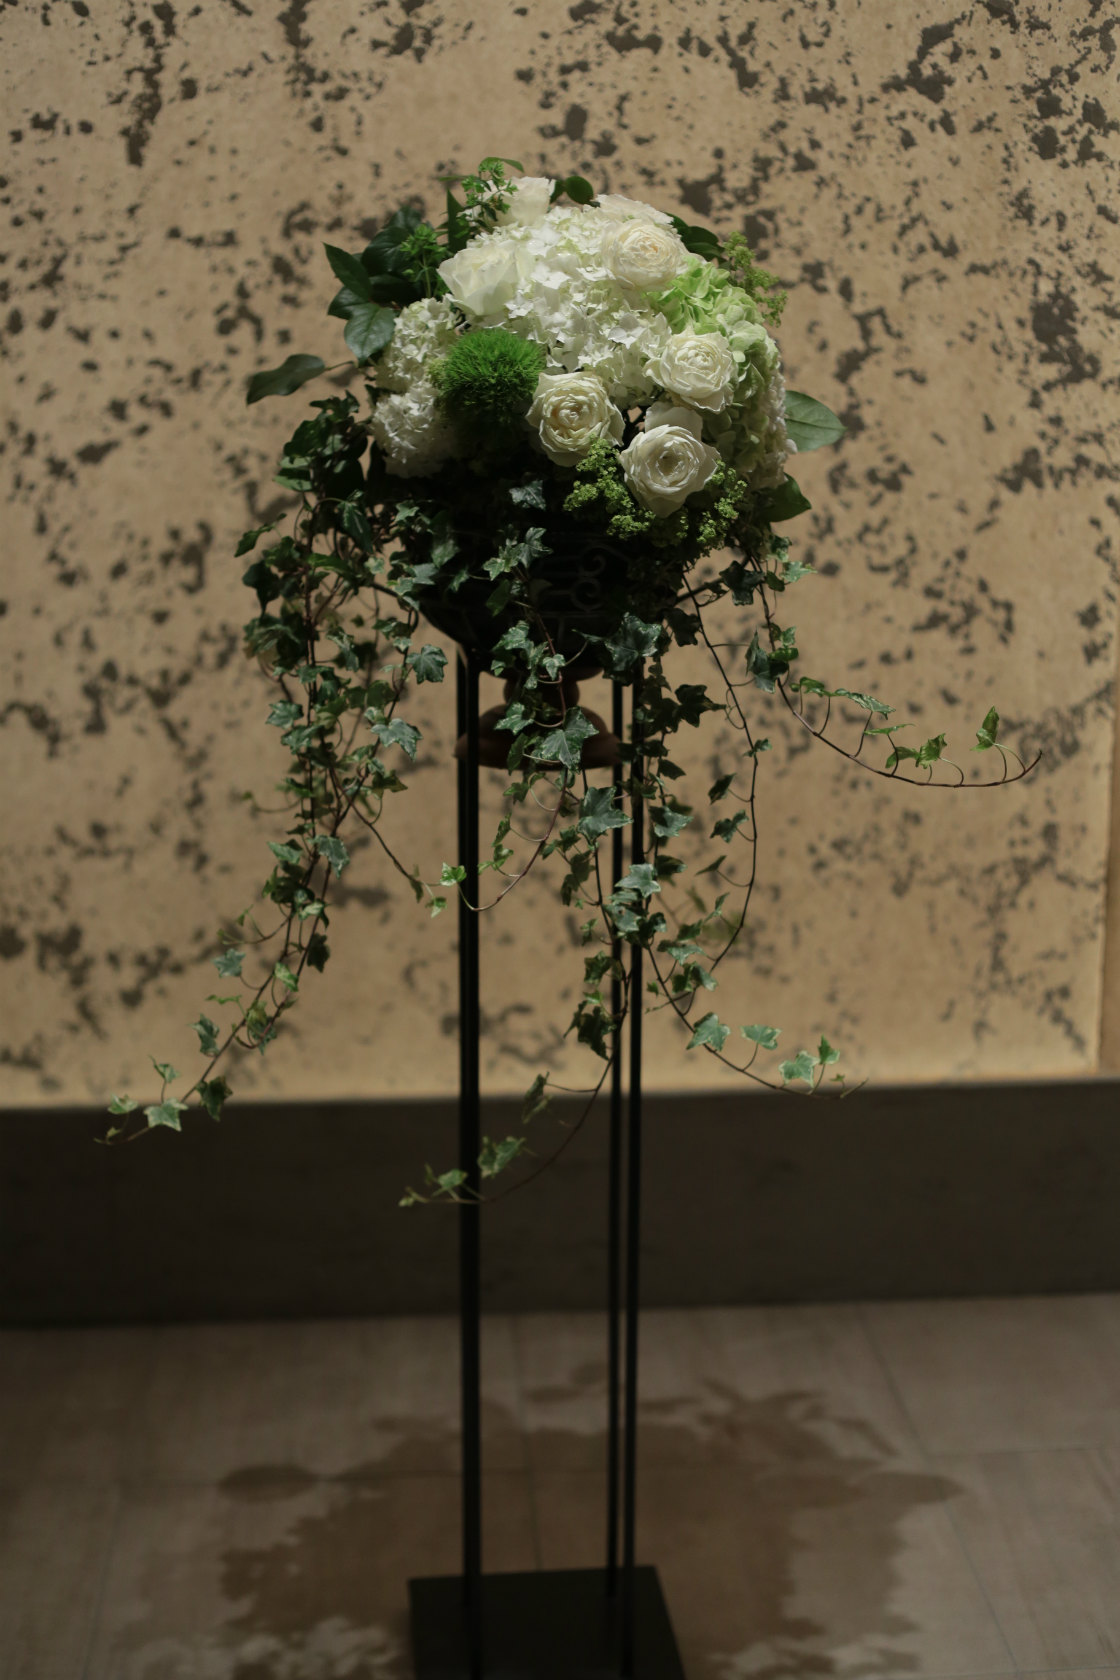 新郎新婦様からのメール 6月の花嫁はうさぎさん1_a0042928_12344051.jpg